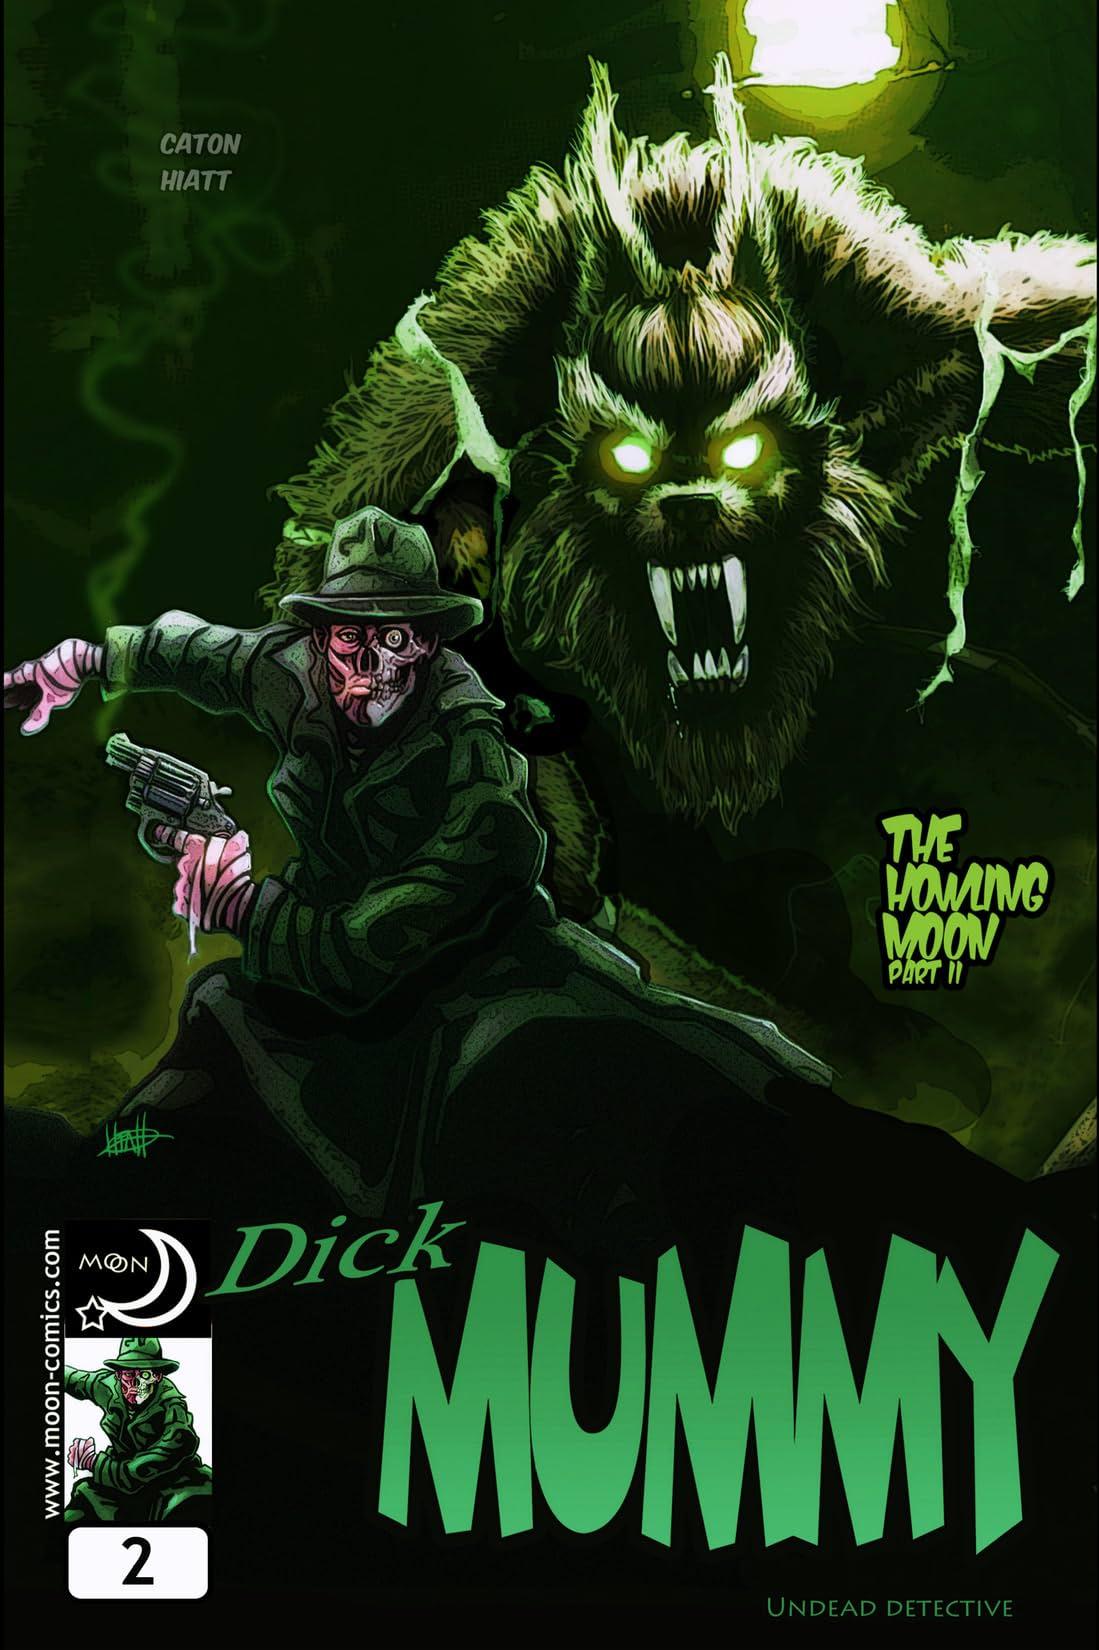 Dick Mummy #2